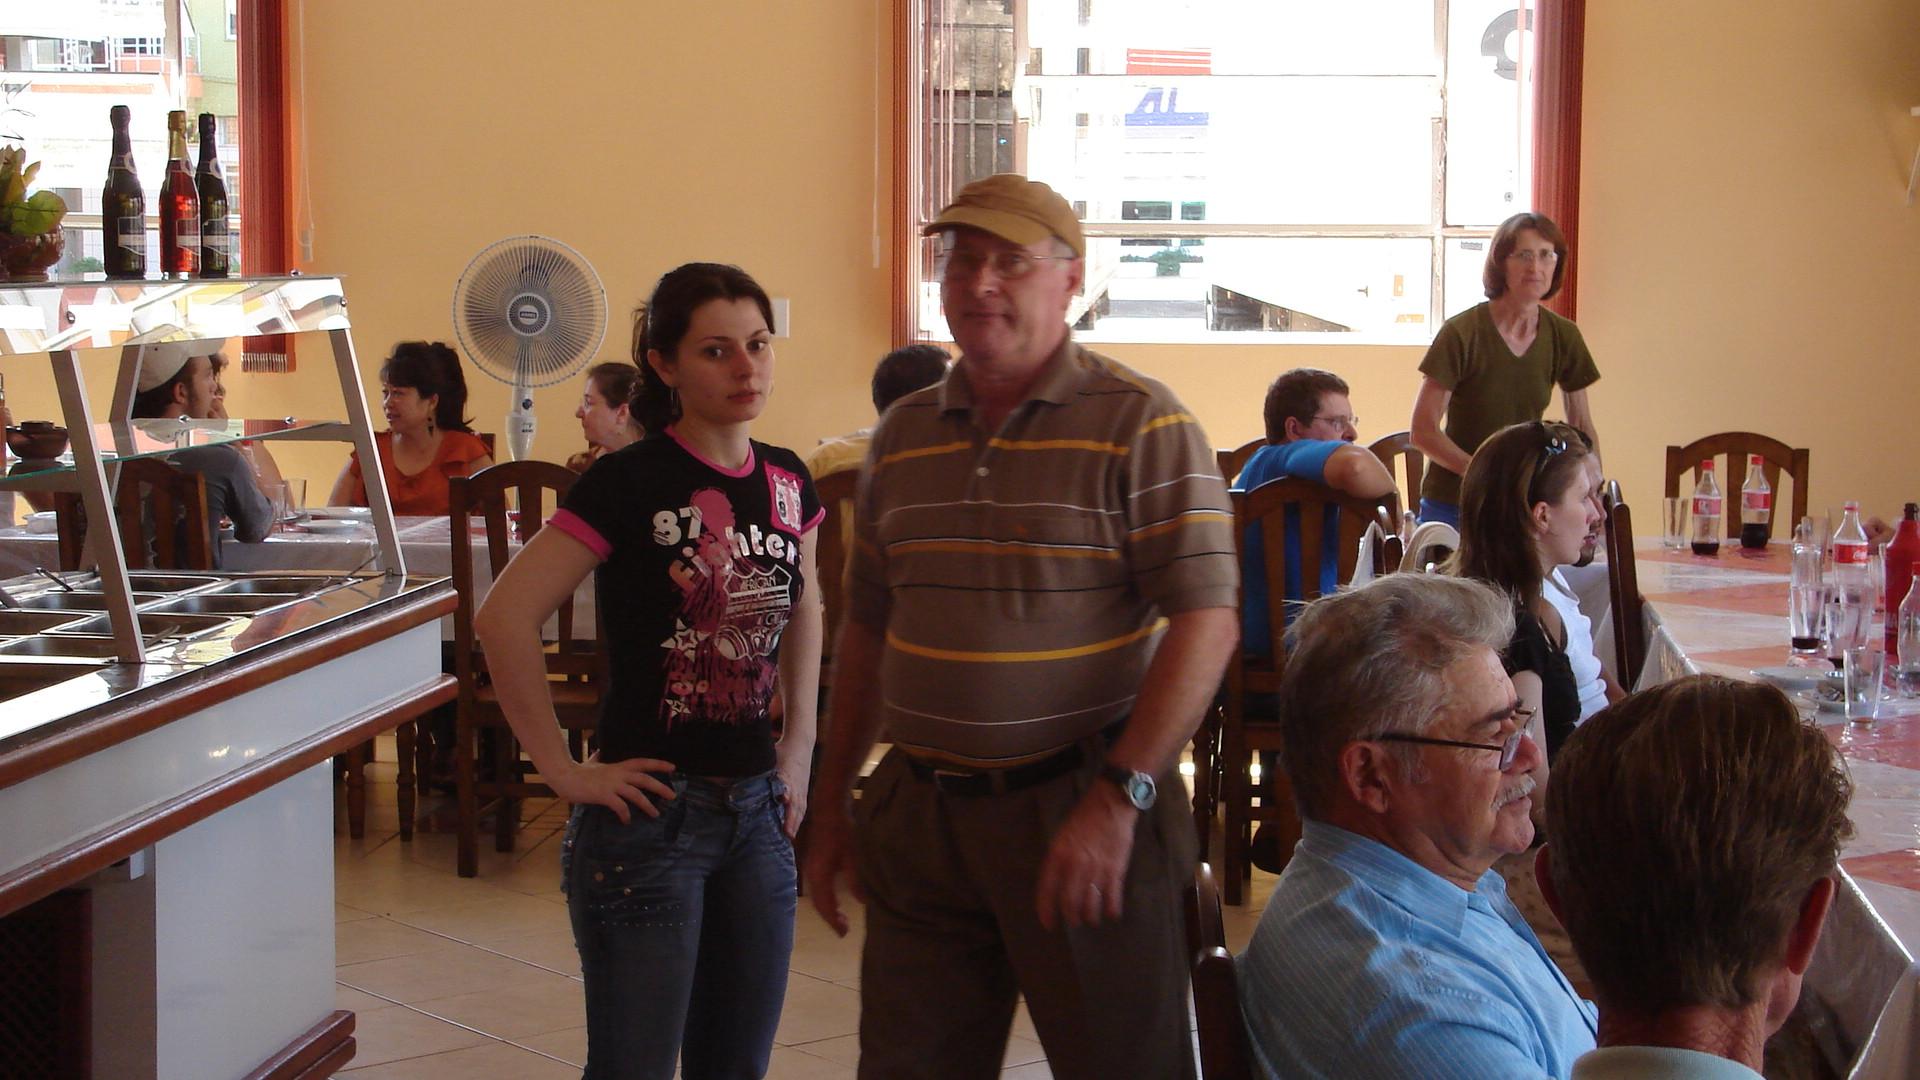 Restaurante 7 de Setembro - Maravilha, SC.